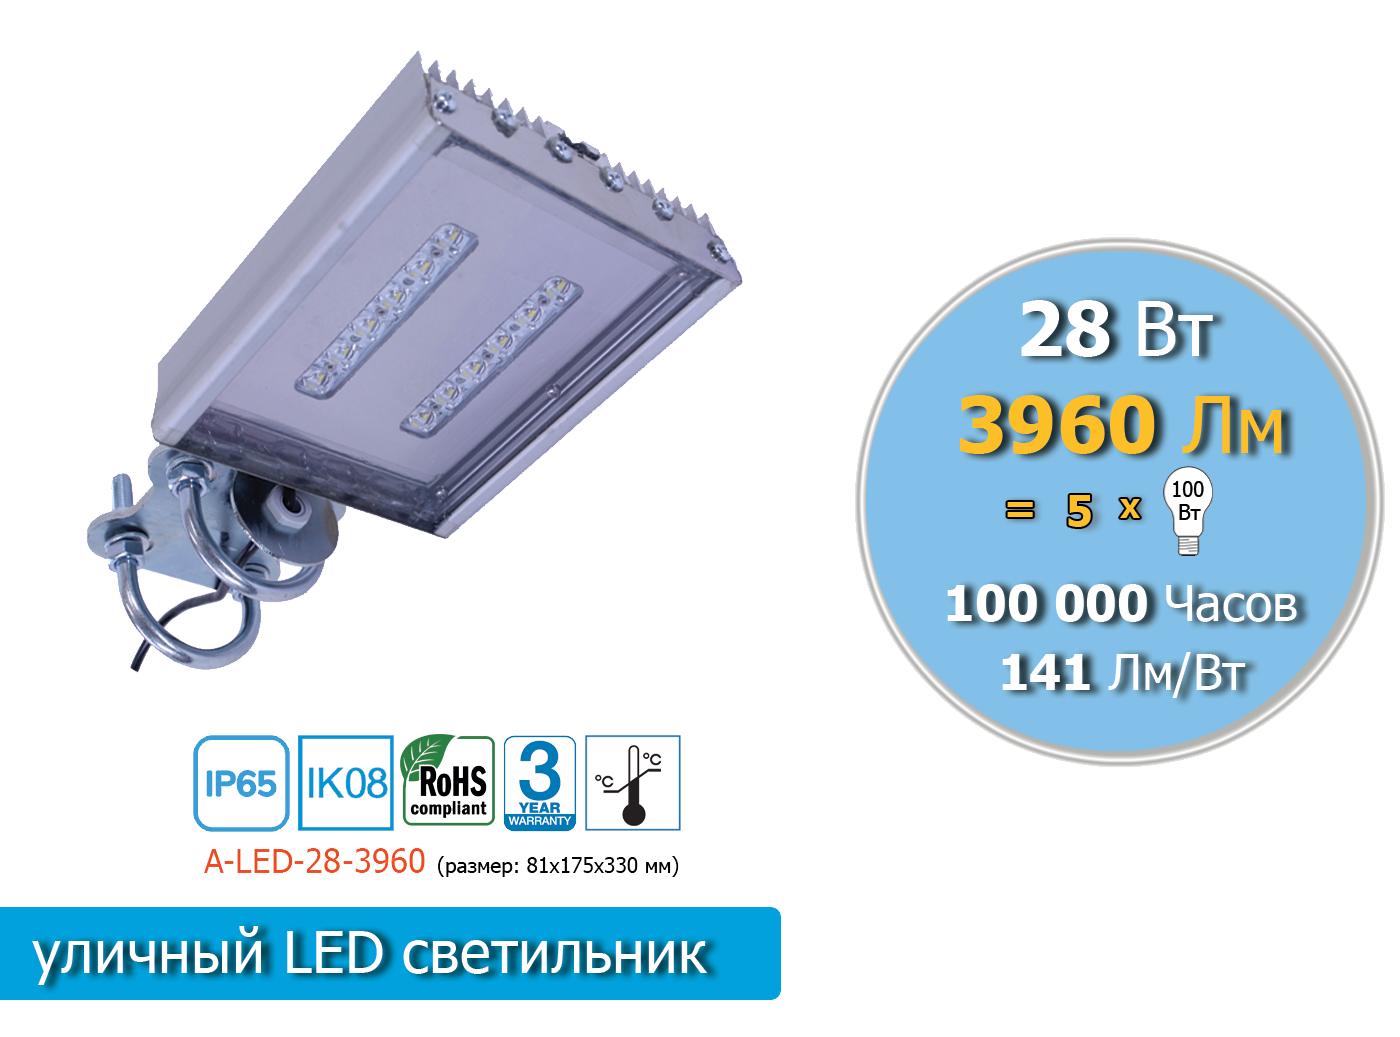 A-LED-28-3960-S